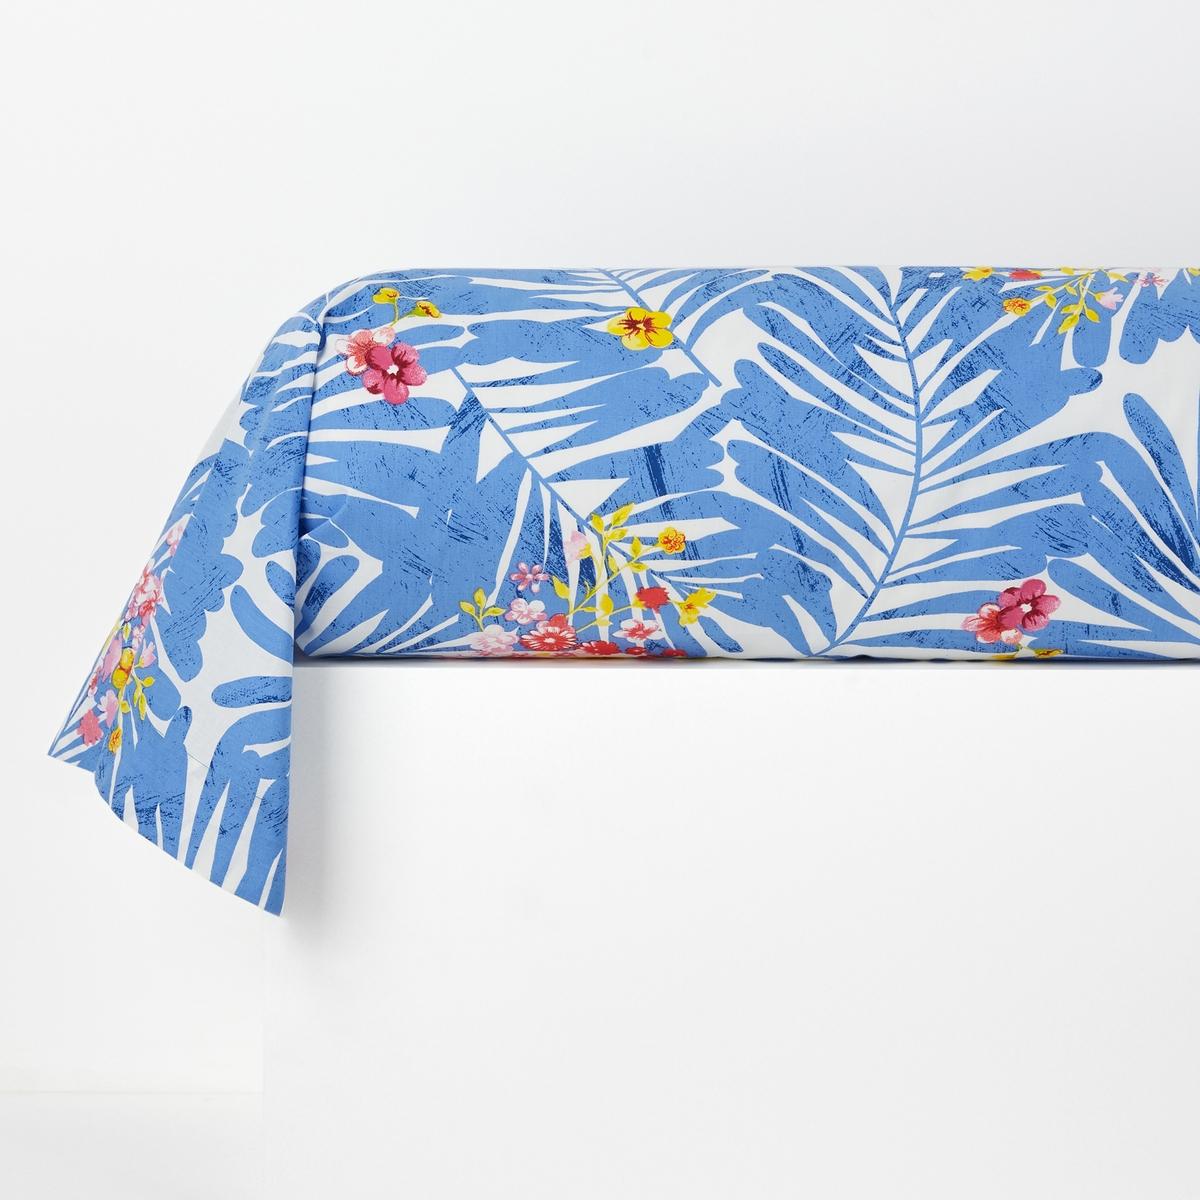 Наволочка на подушку-валик с рисунком, AlazeiaХарактеристики наволочки на подушку-валик :100% хлопка, 57 нитей/см2Чем больше нитей/см2, тем выше качество ткани.Машинная стирка при 60 °С.Форма мешка.Размеры наволочки на подушку-валик :85 x 185 см Знак Oeko-Tex® гарантирует, что товары прошли проверку и были изготовлены без применения вредных для здоровья человека веществ.Уход :Следуйте рекомендациям по уходу, указанным на этикетке изделия.<br><br>Цвет: рисунок синий/белый